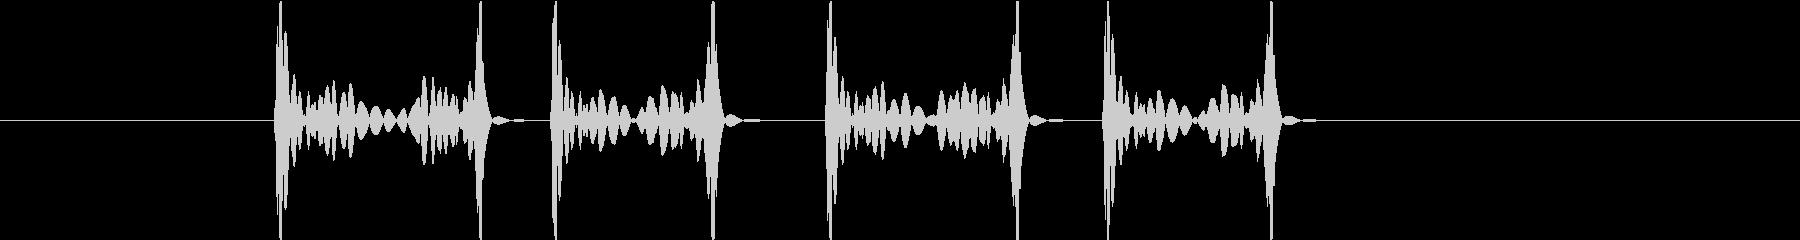 スクラッチ4high(ズクズクズクズク)の未再生の波形